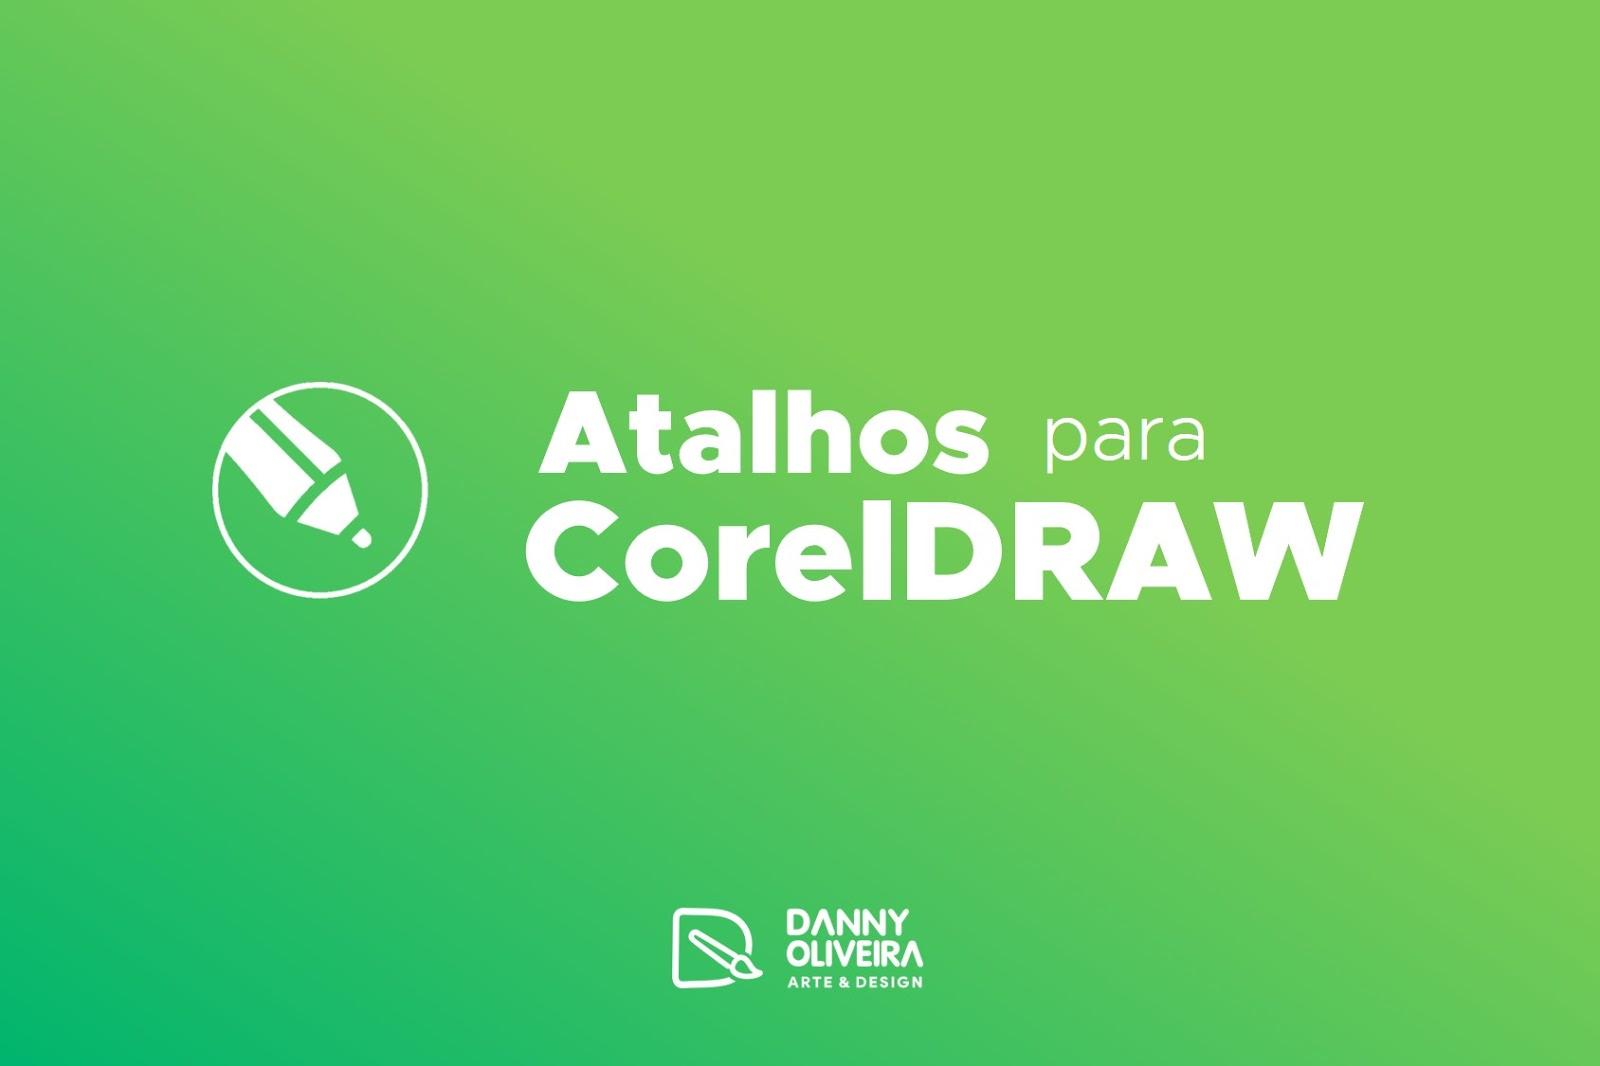 Atalhos para CorelDRAW